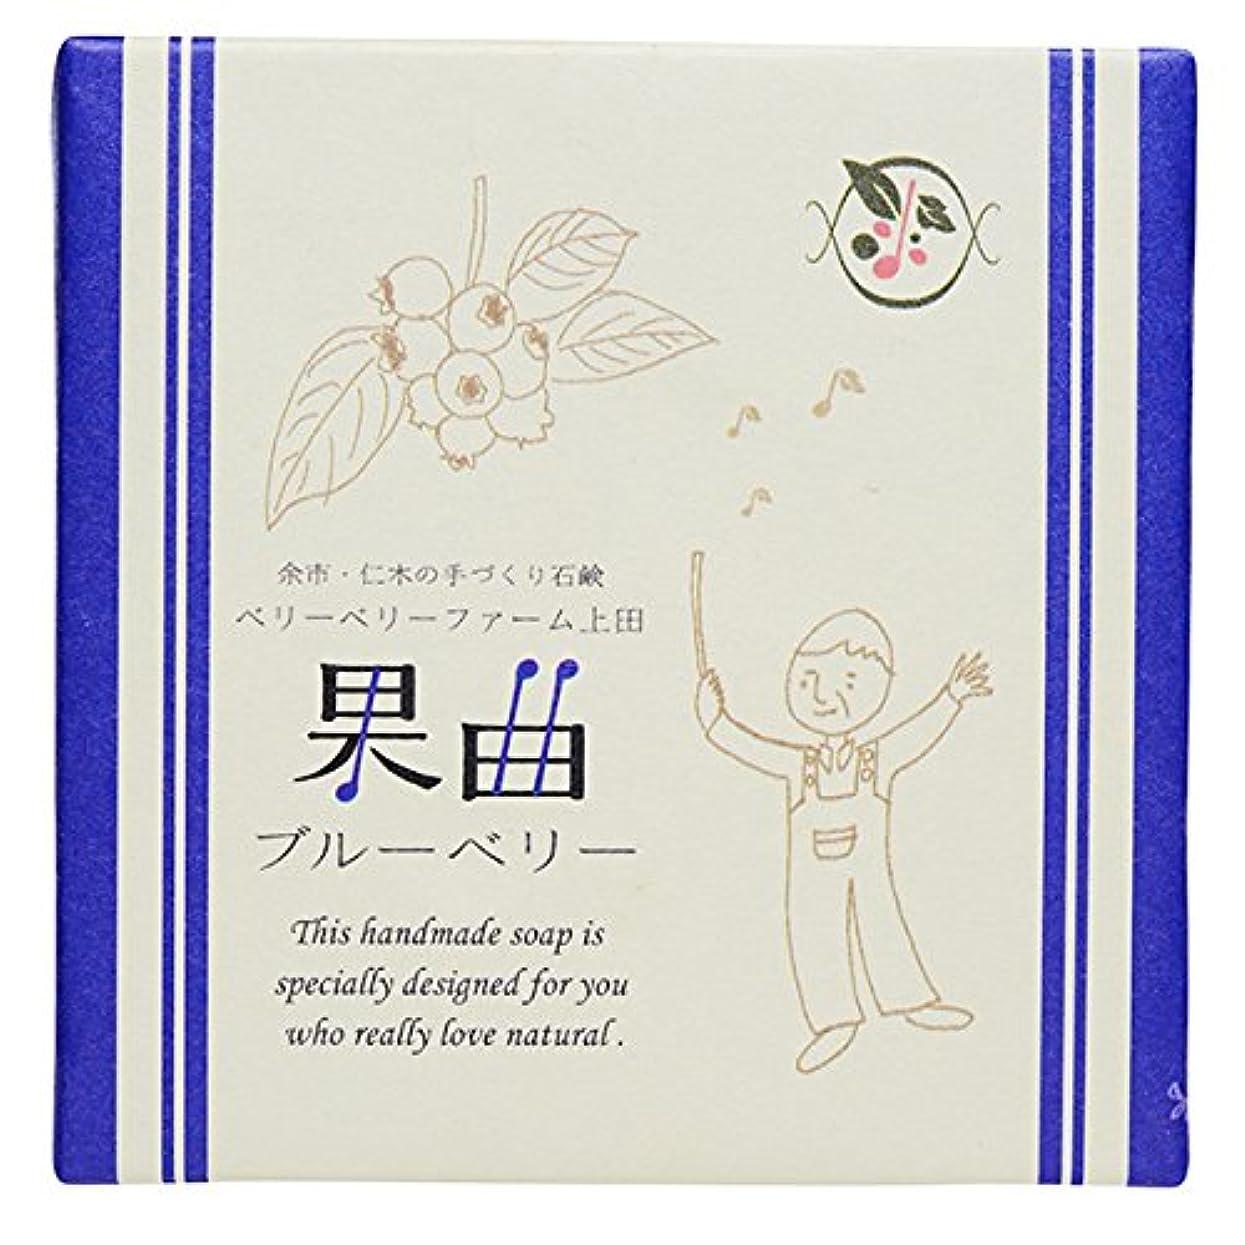 中国ライム安価な余市町仁木のベリーベリーファーム上田との共同開発 果曲(ブルーベリー)純練り石鹸